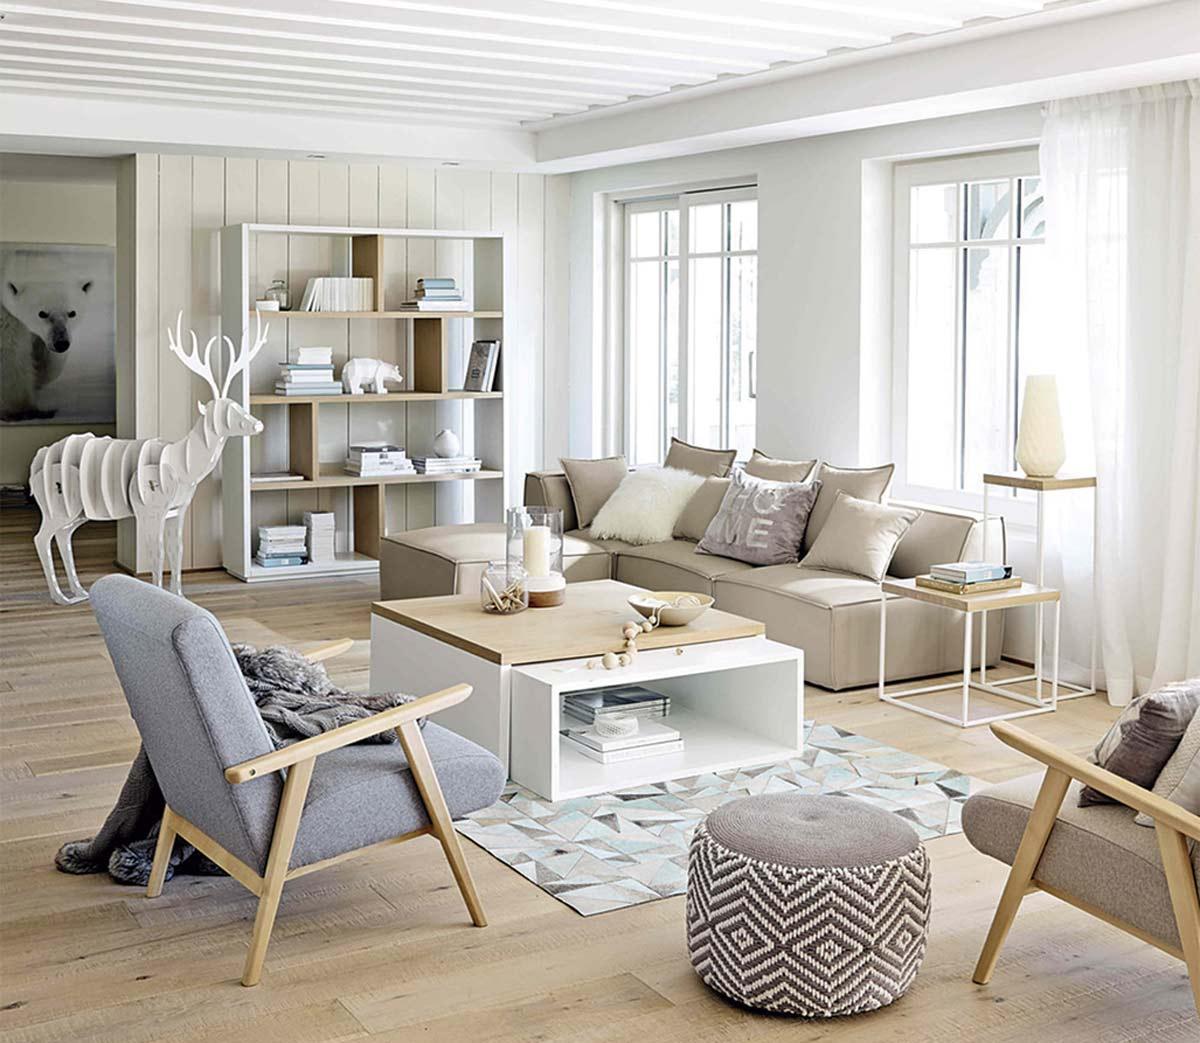 Ejemplo de sala de estar con estilo nórdico con predominio de blancos, crudos y grises